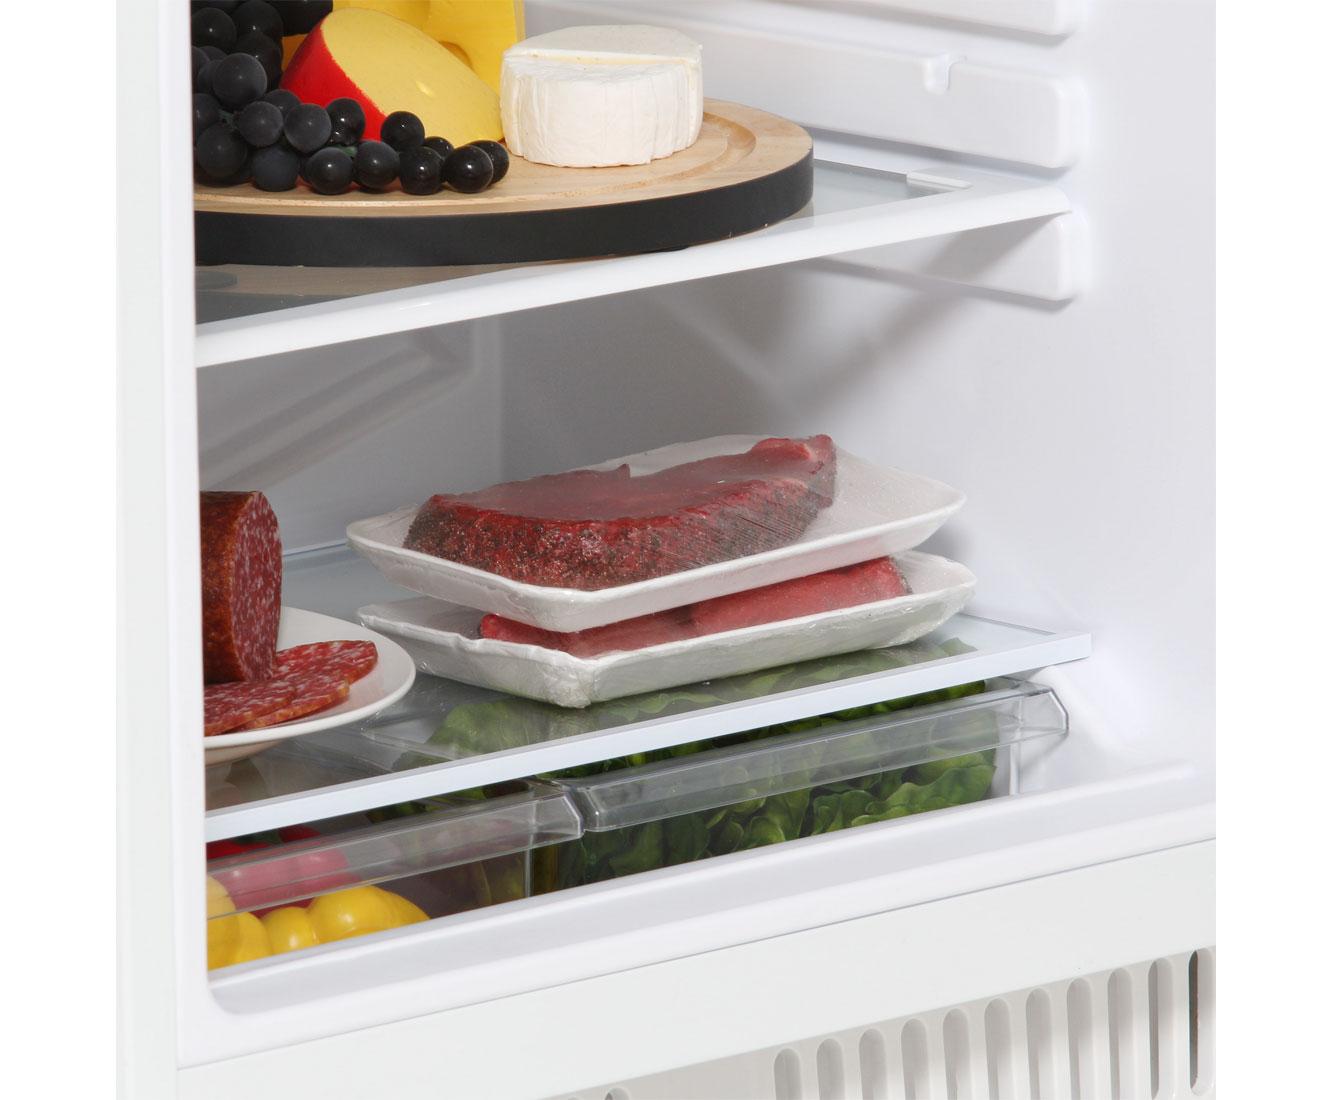 Amica Unterbau Kühlschrank 50 Cm : Unterbaukühlschrank günstig online kaufen lionshome